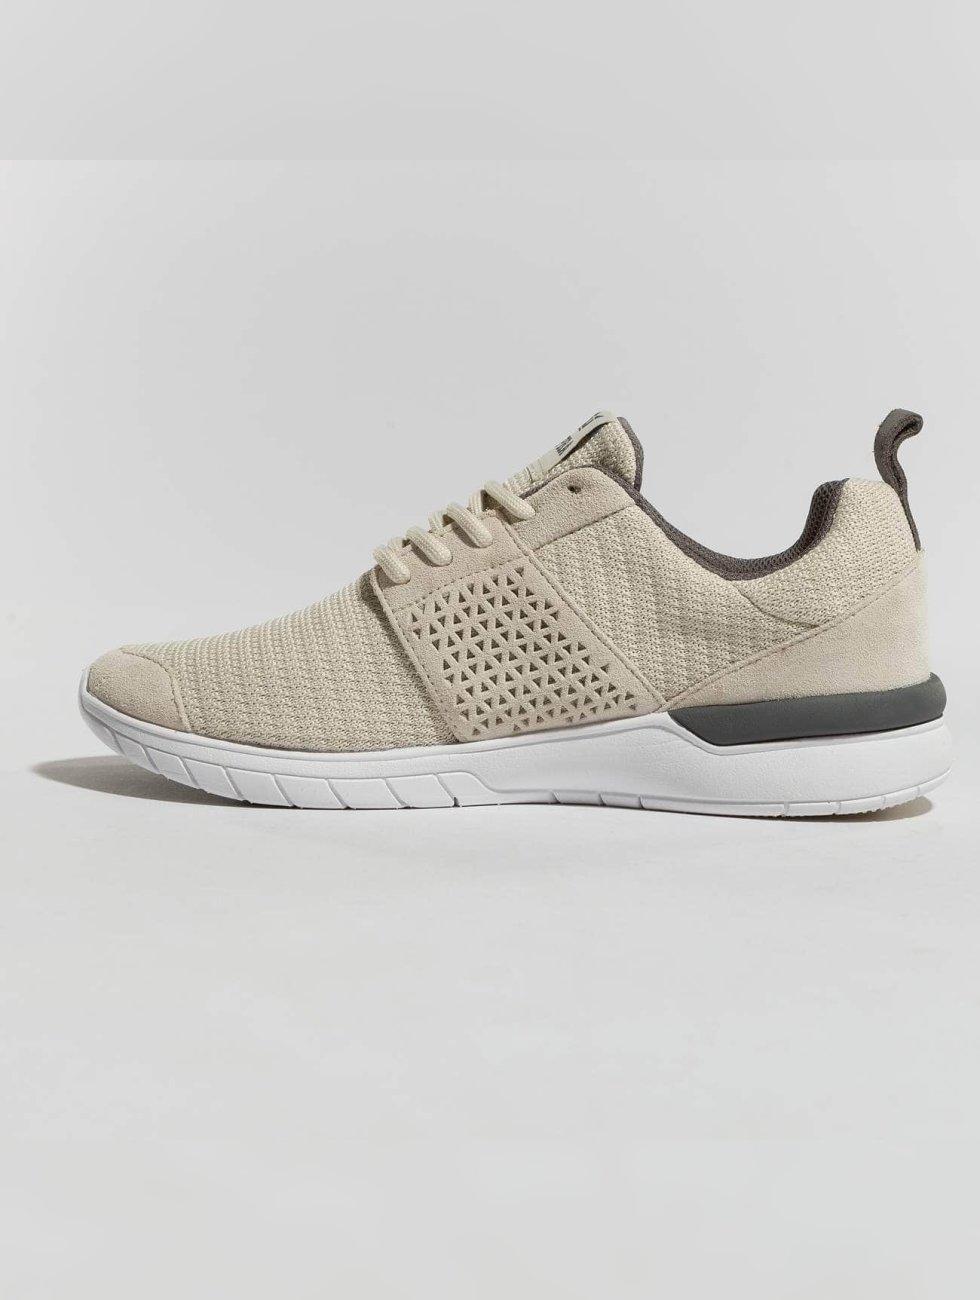 Supra Schoen / Sneaker Forbice In Beige 491.407 VrlXJY